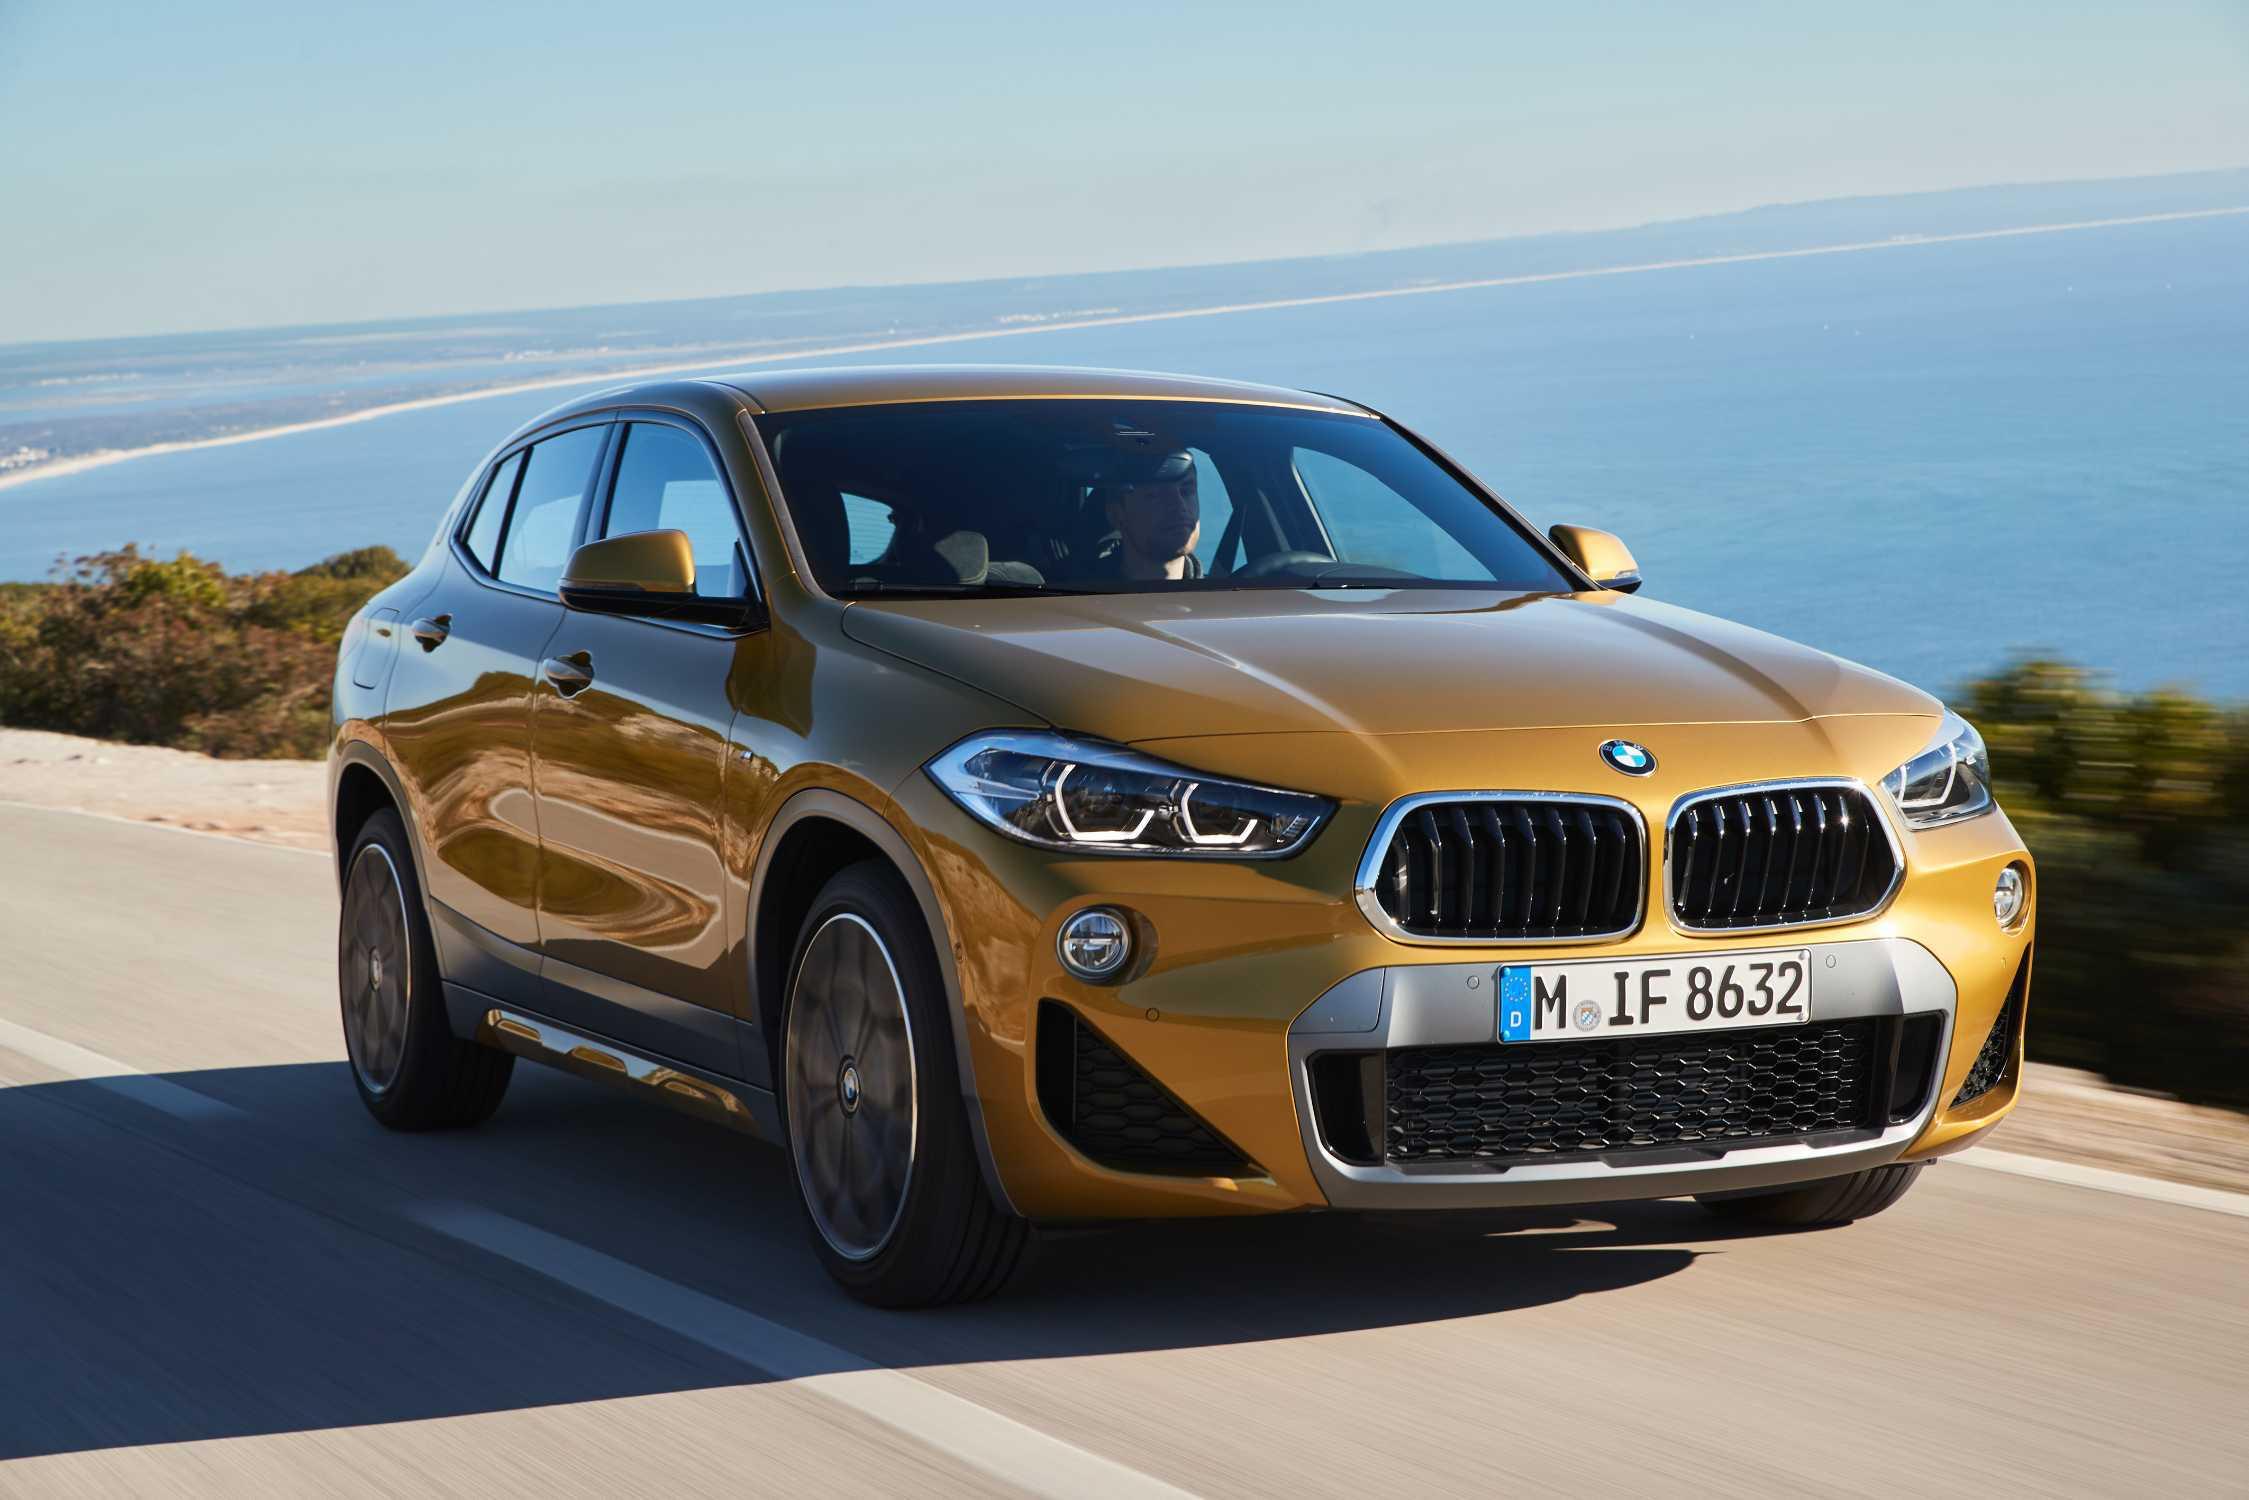 BMW2月の大陸別販売台数を分析してみました^^全体としては絶好調!ただし日本は・・・